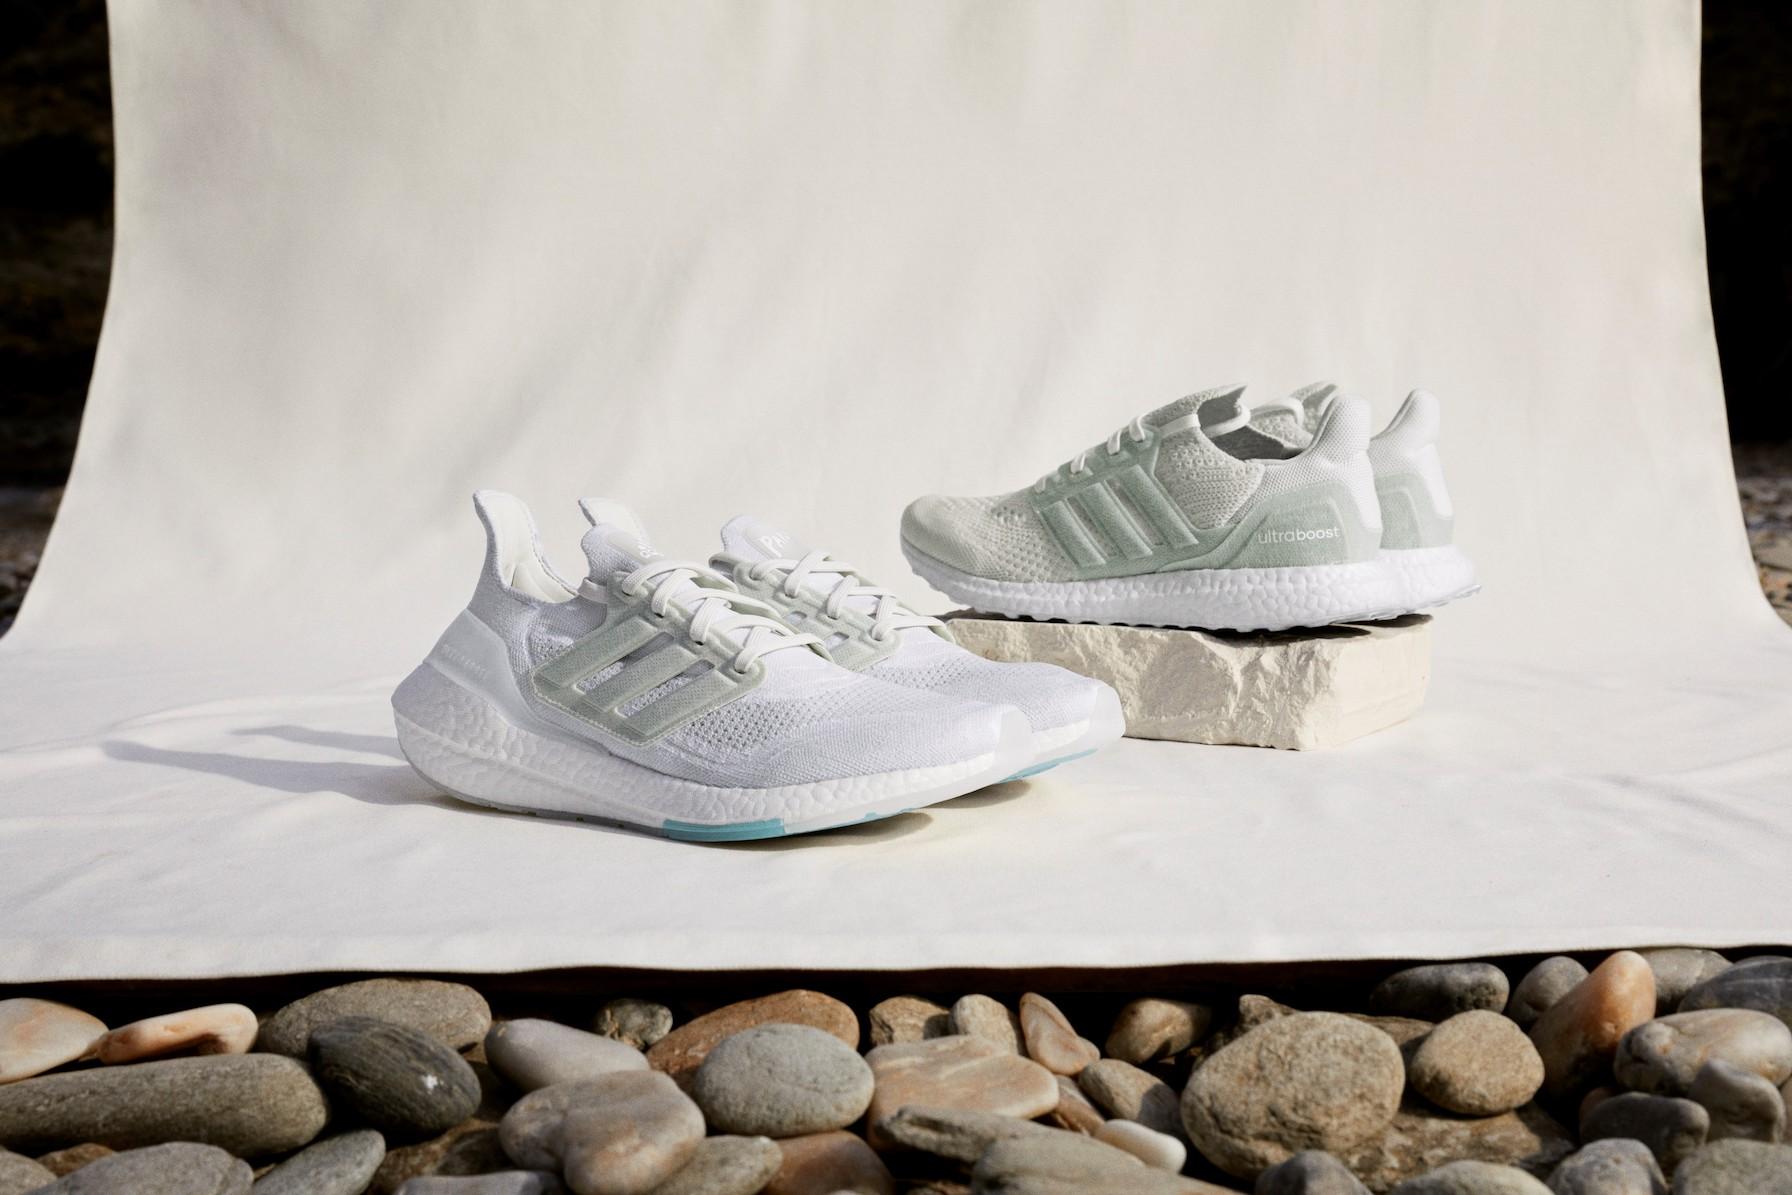 adidas、漁網使った新サステナブルモデル発売